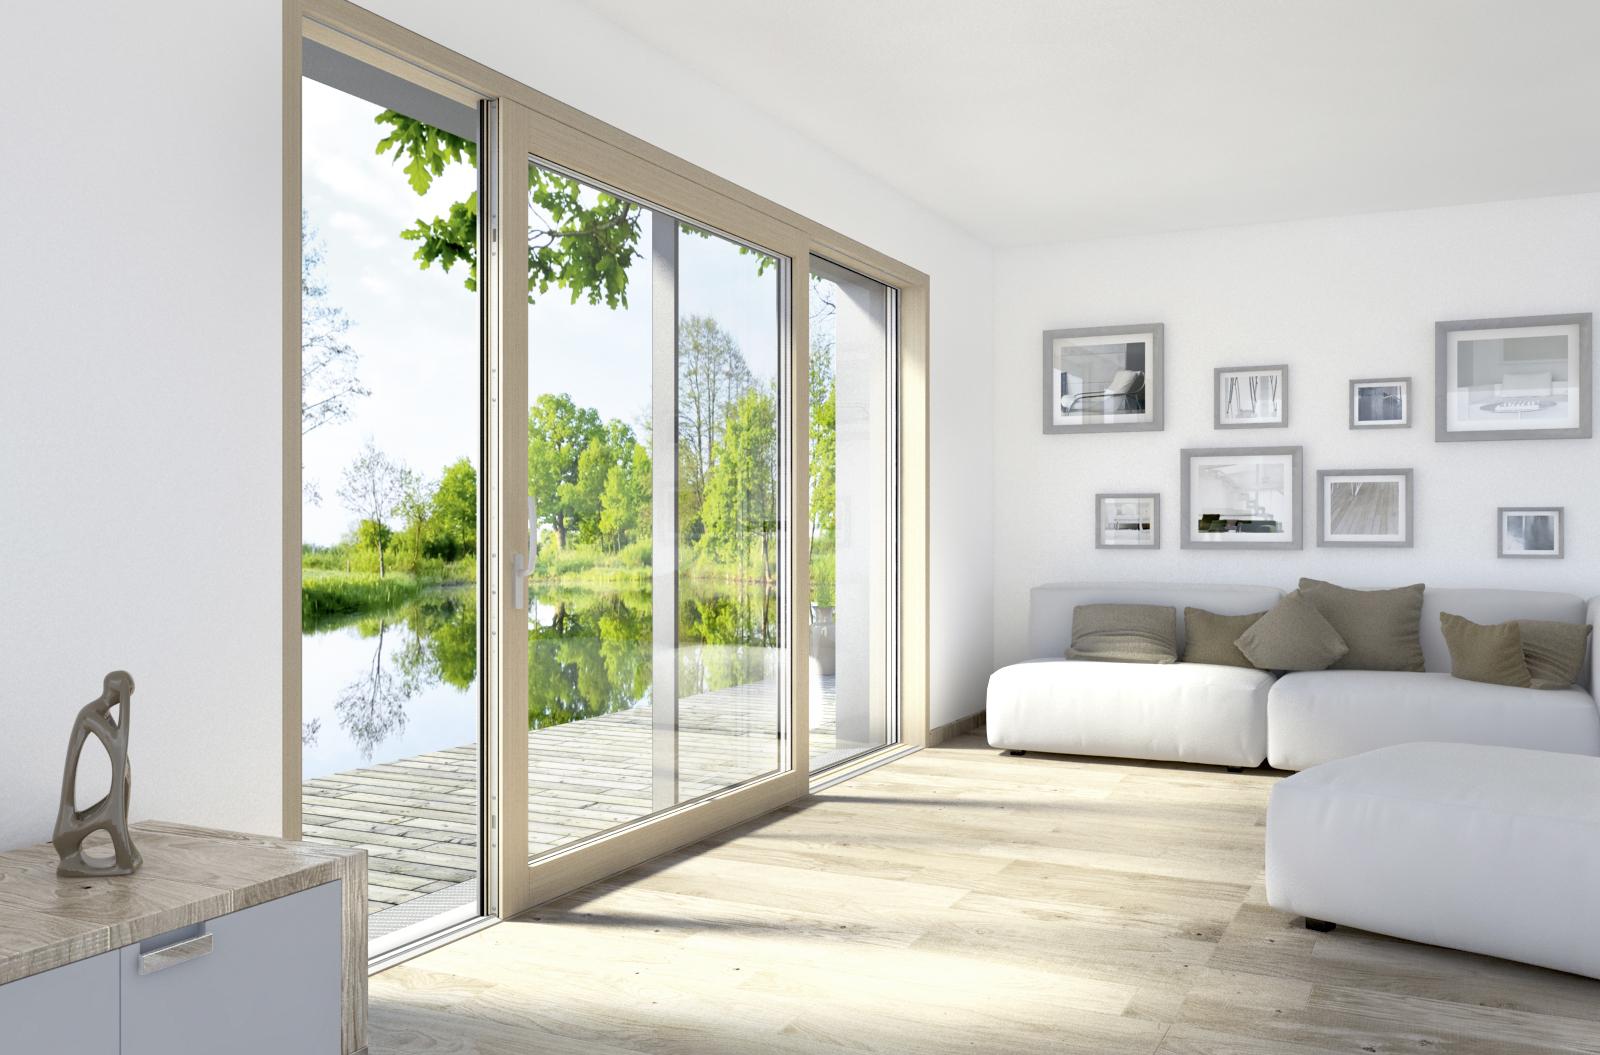 Infissi in legno alluminio marocchi design for Infissi esterni in alluminio prezzi